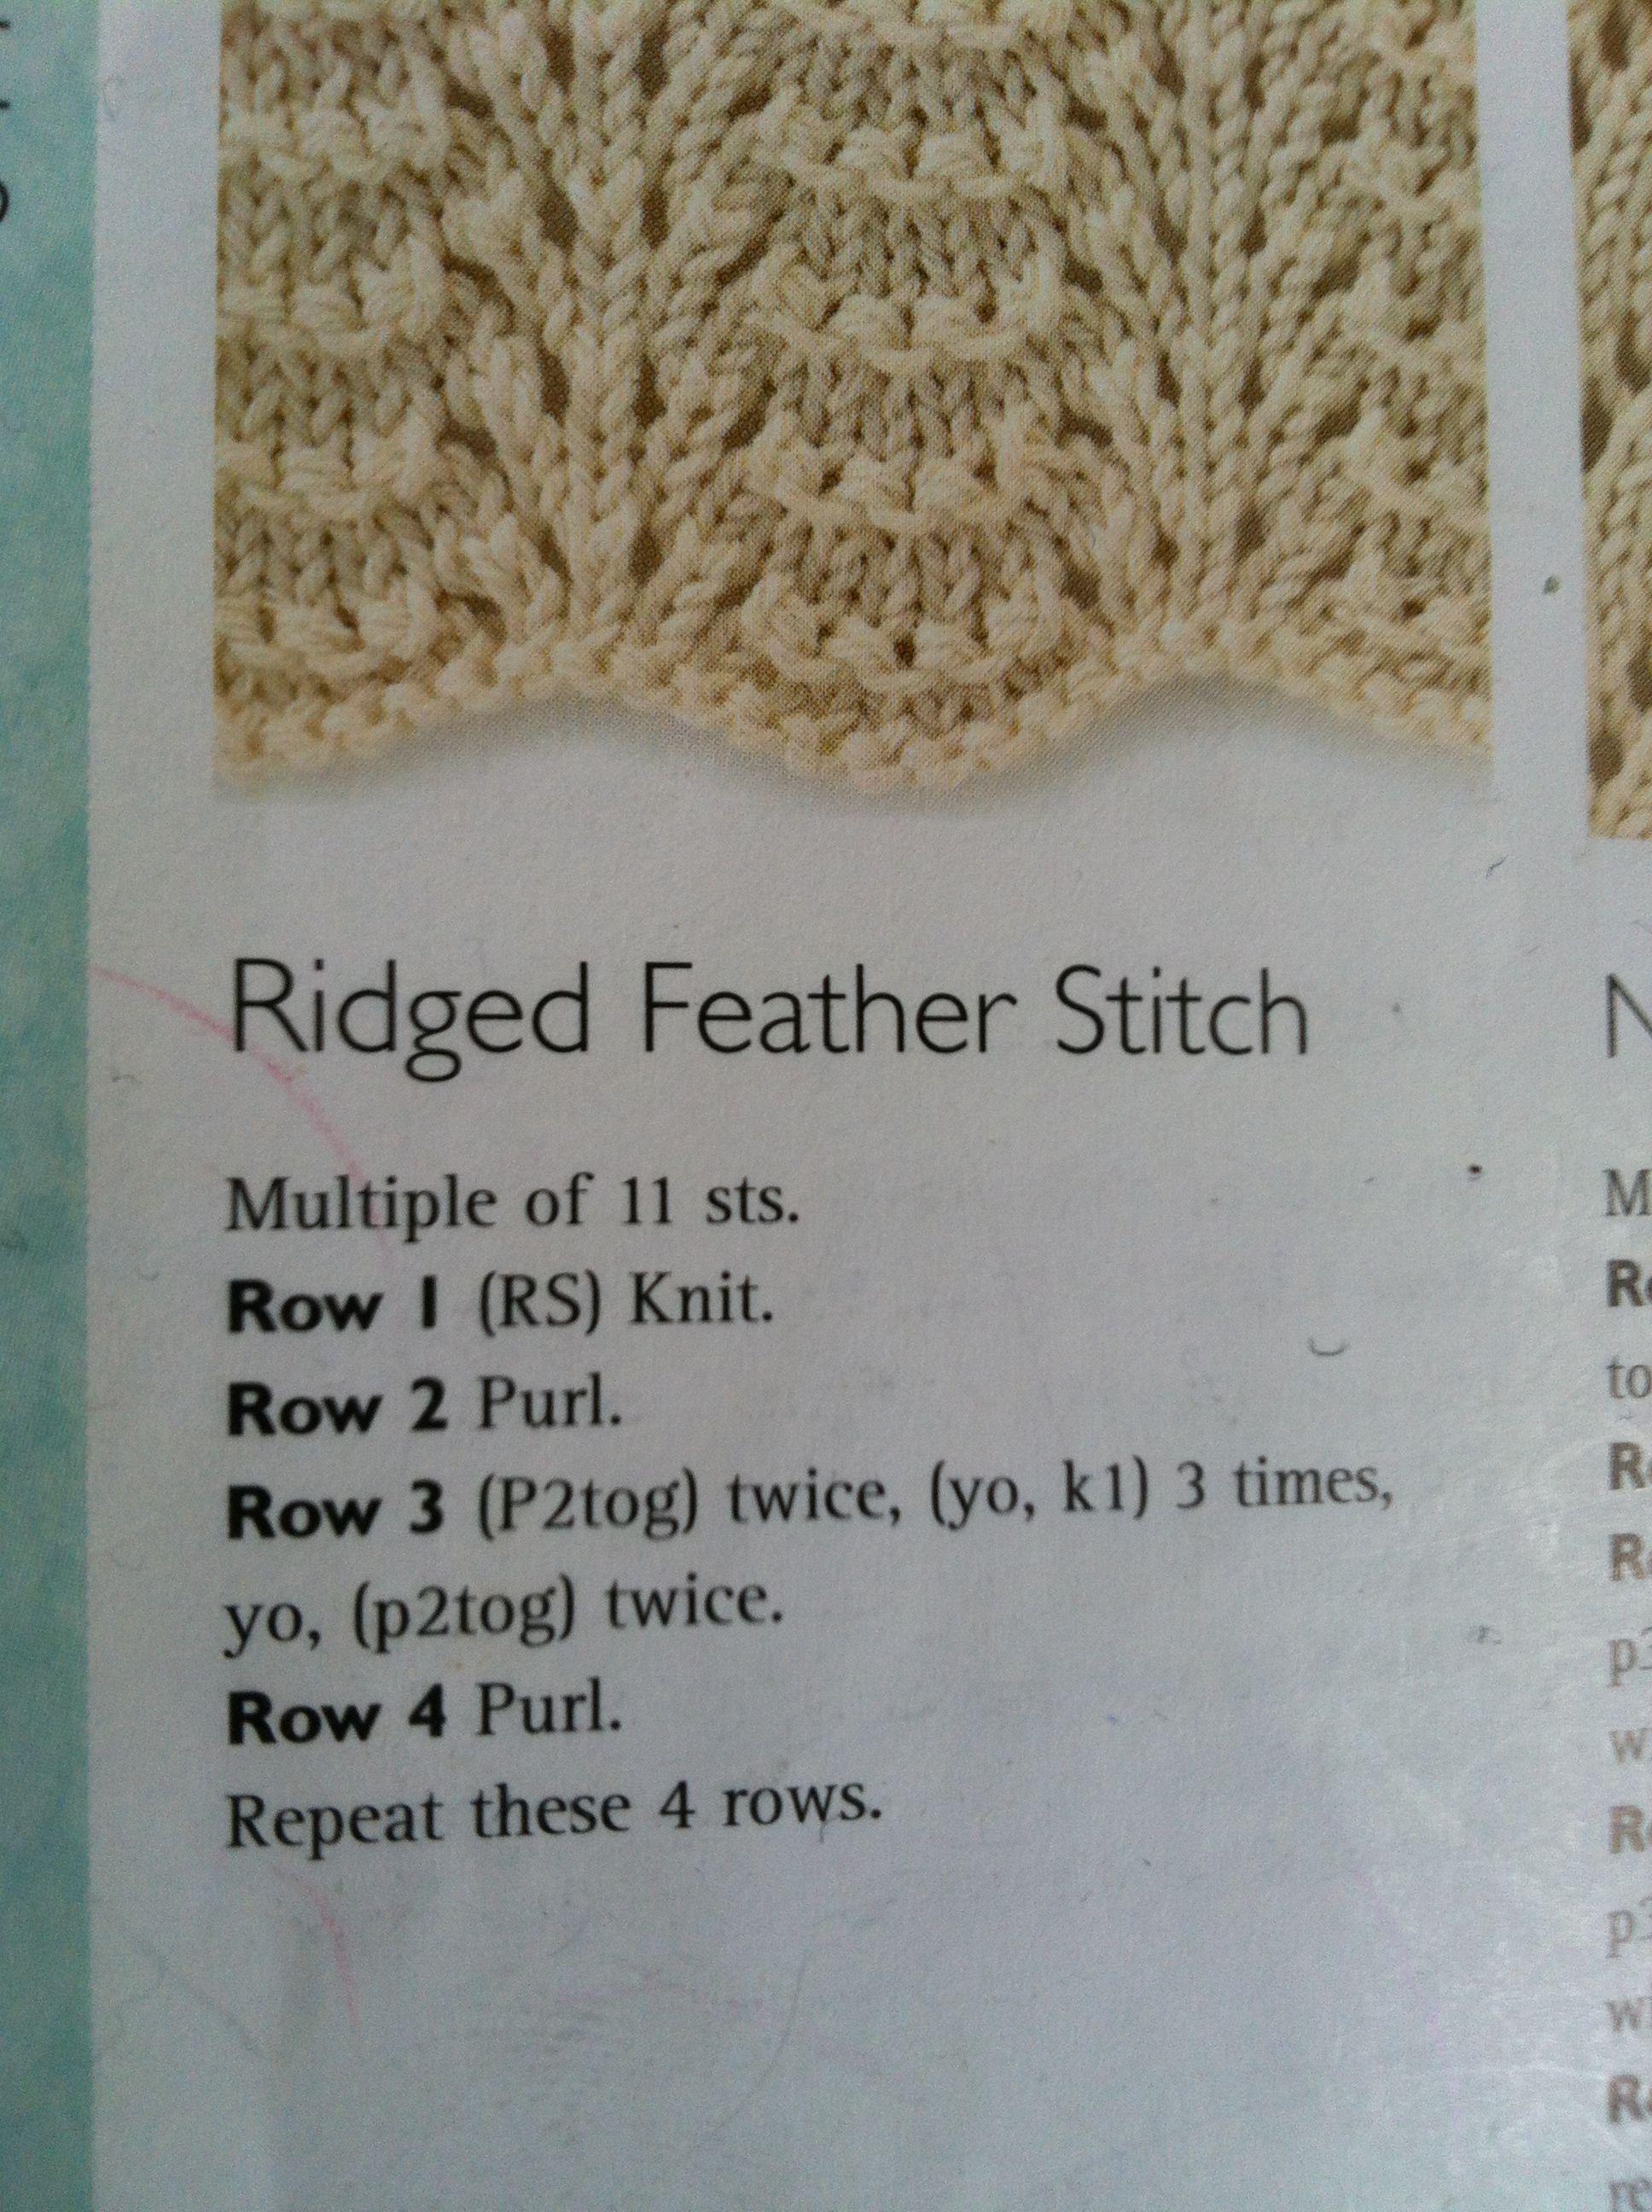 Knitting Instructions M1 : Ridged feather stitch knitting pinterest beautiful